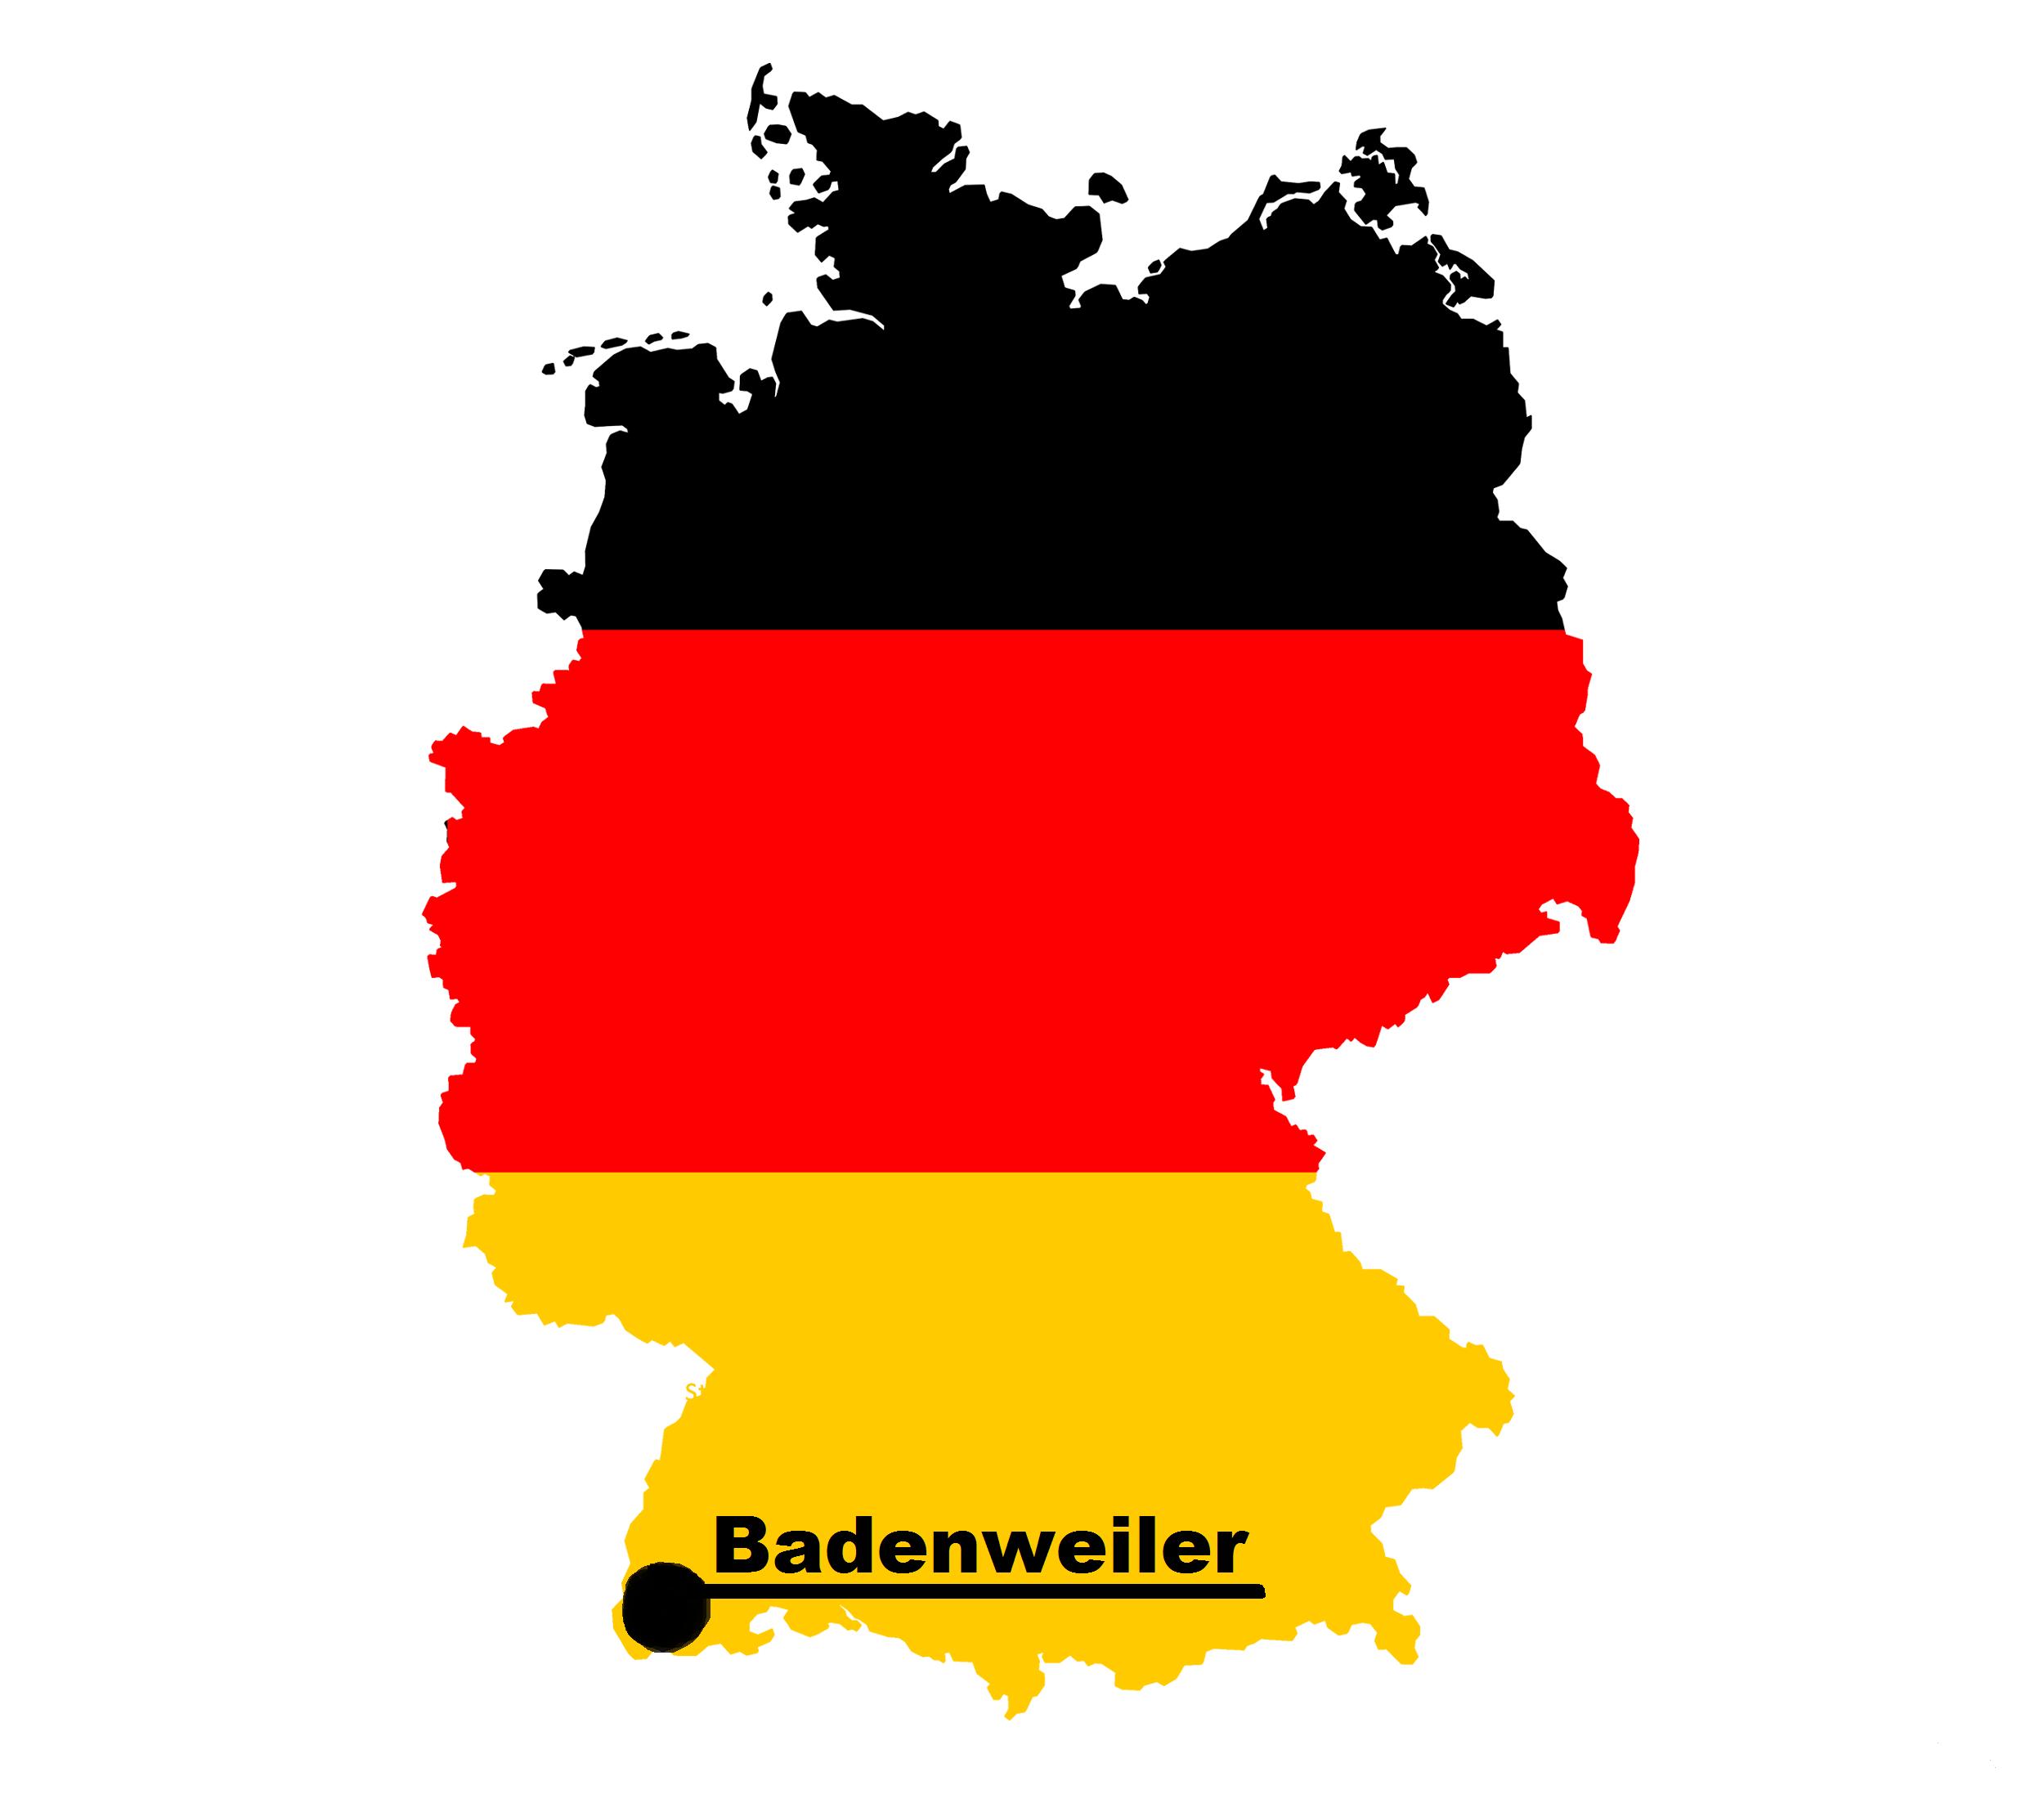 Lageplan von Badenweiler